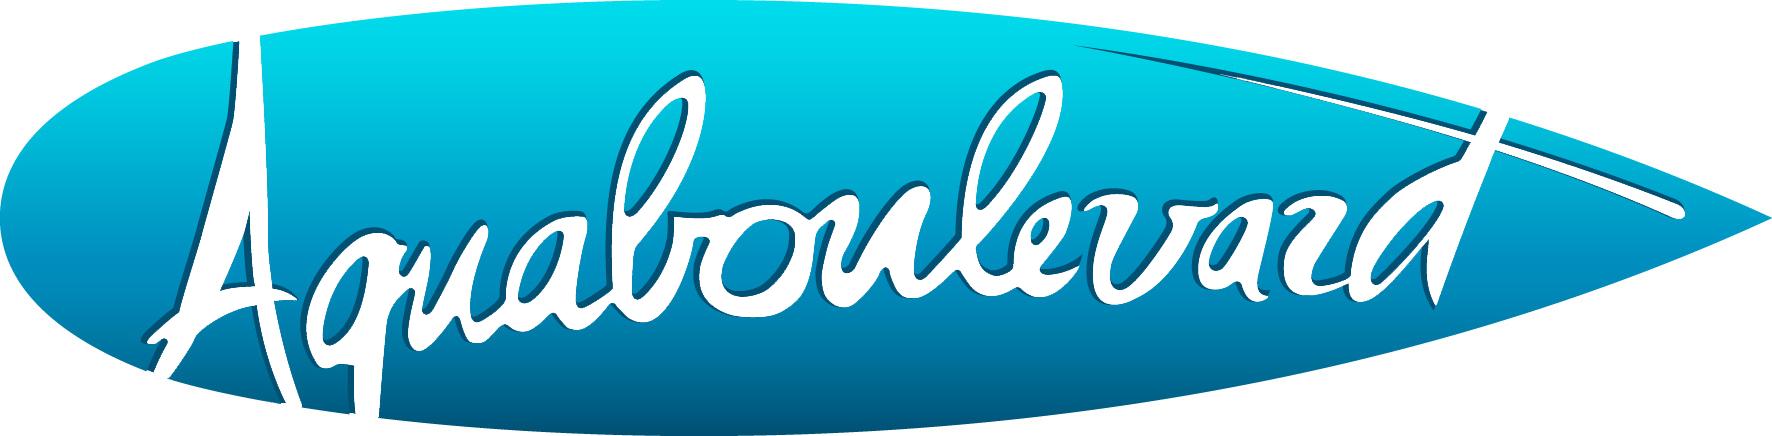 Télephone information entreprise  Aquaboulevard